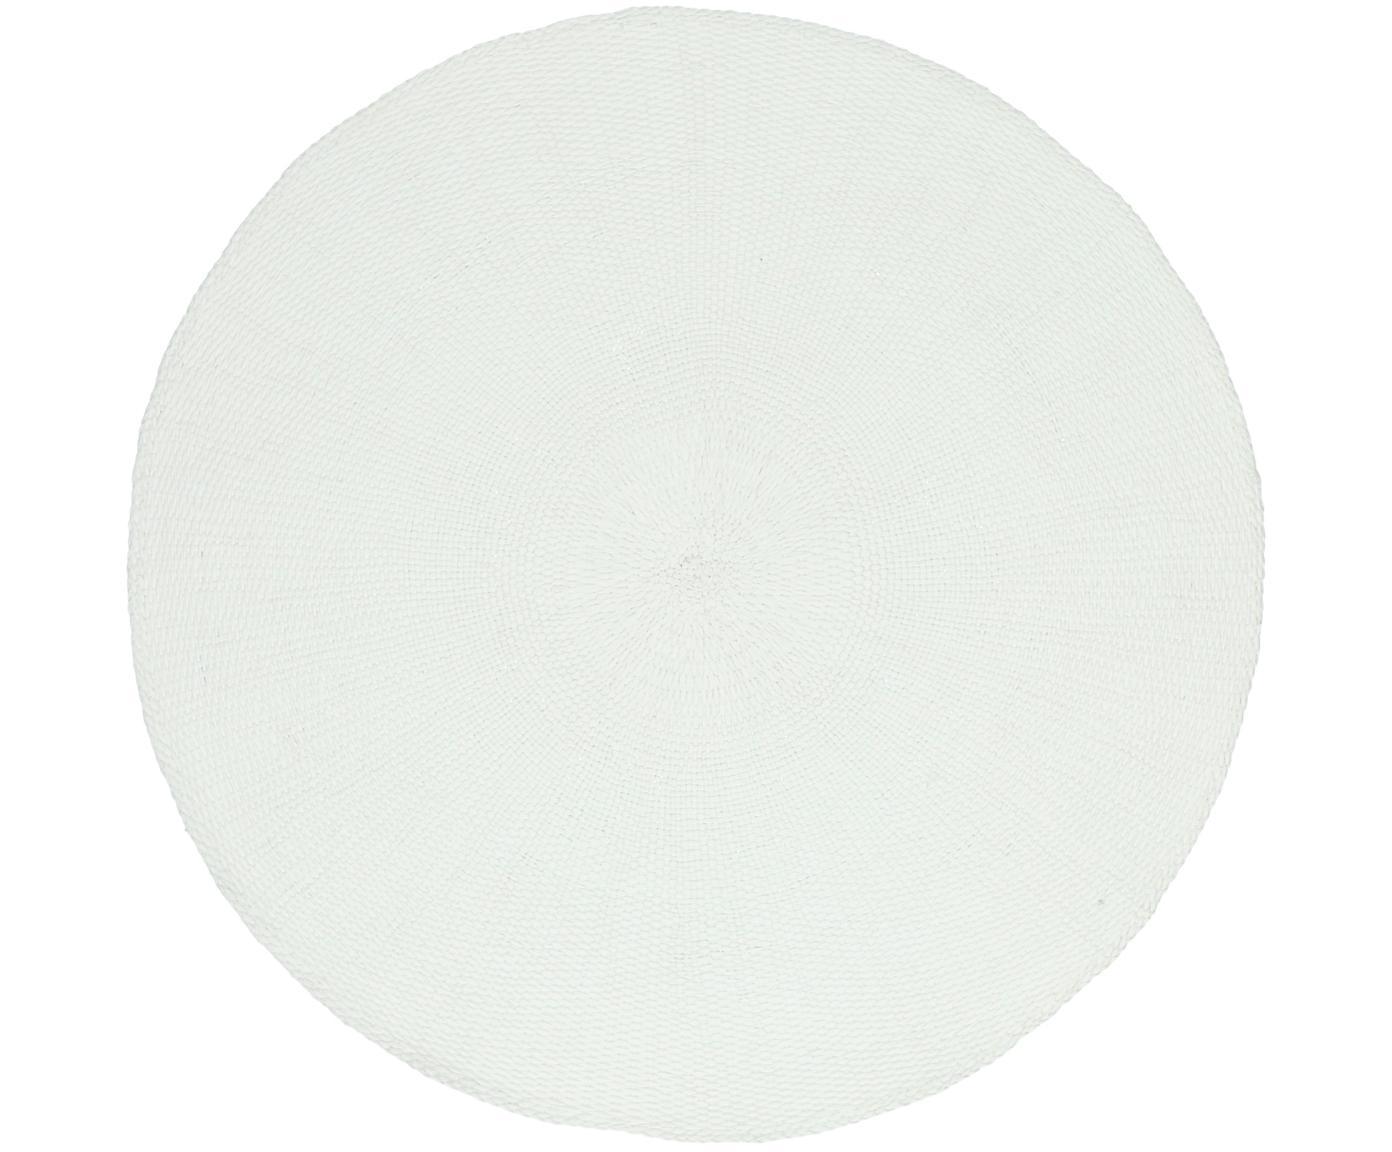 Tovaglietta americana rotonda Kolori 2 pz, Fibre di carta, Bianco, Ø 38 cm